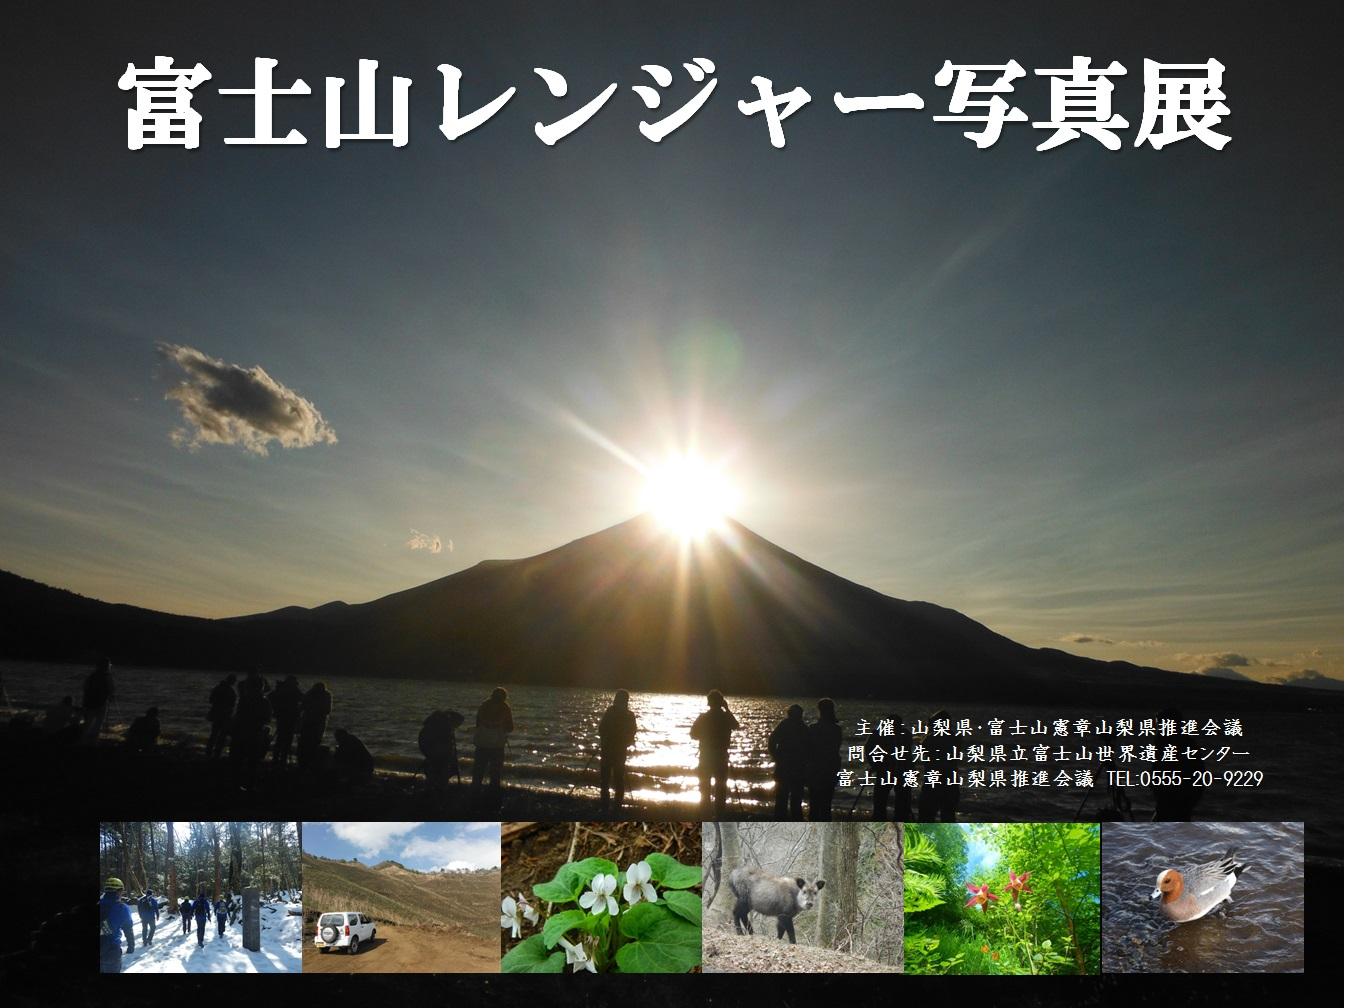 http://www.yamanashi-kankou.jp/blog/4W4%40E1_%E3%83%9D%E3%82%B9%E3%82%BF%E3%83%BC.jpg